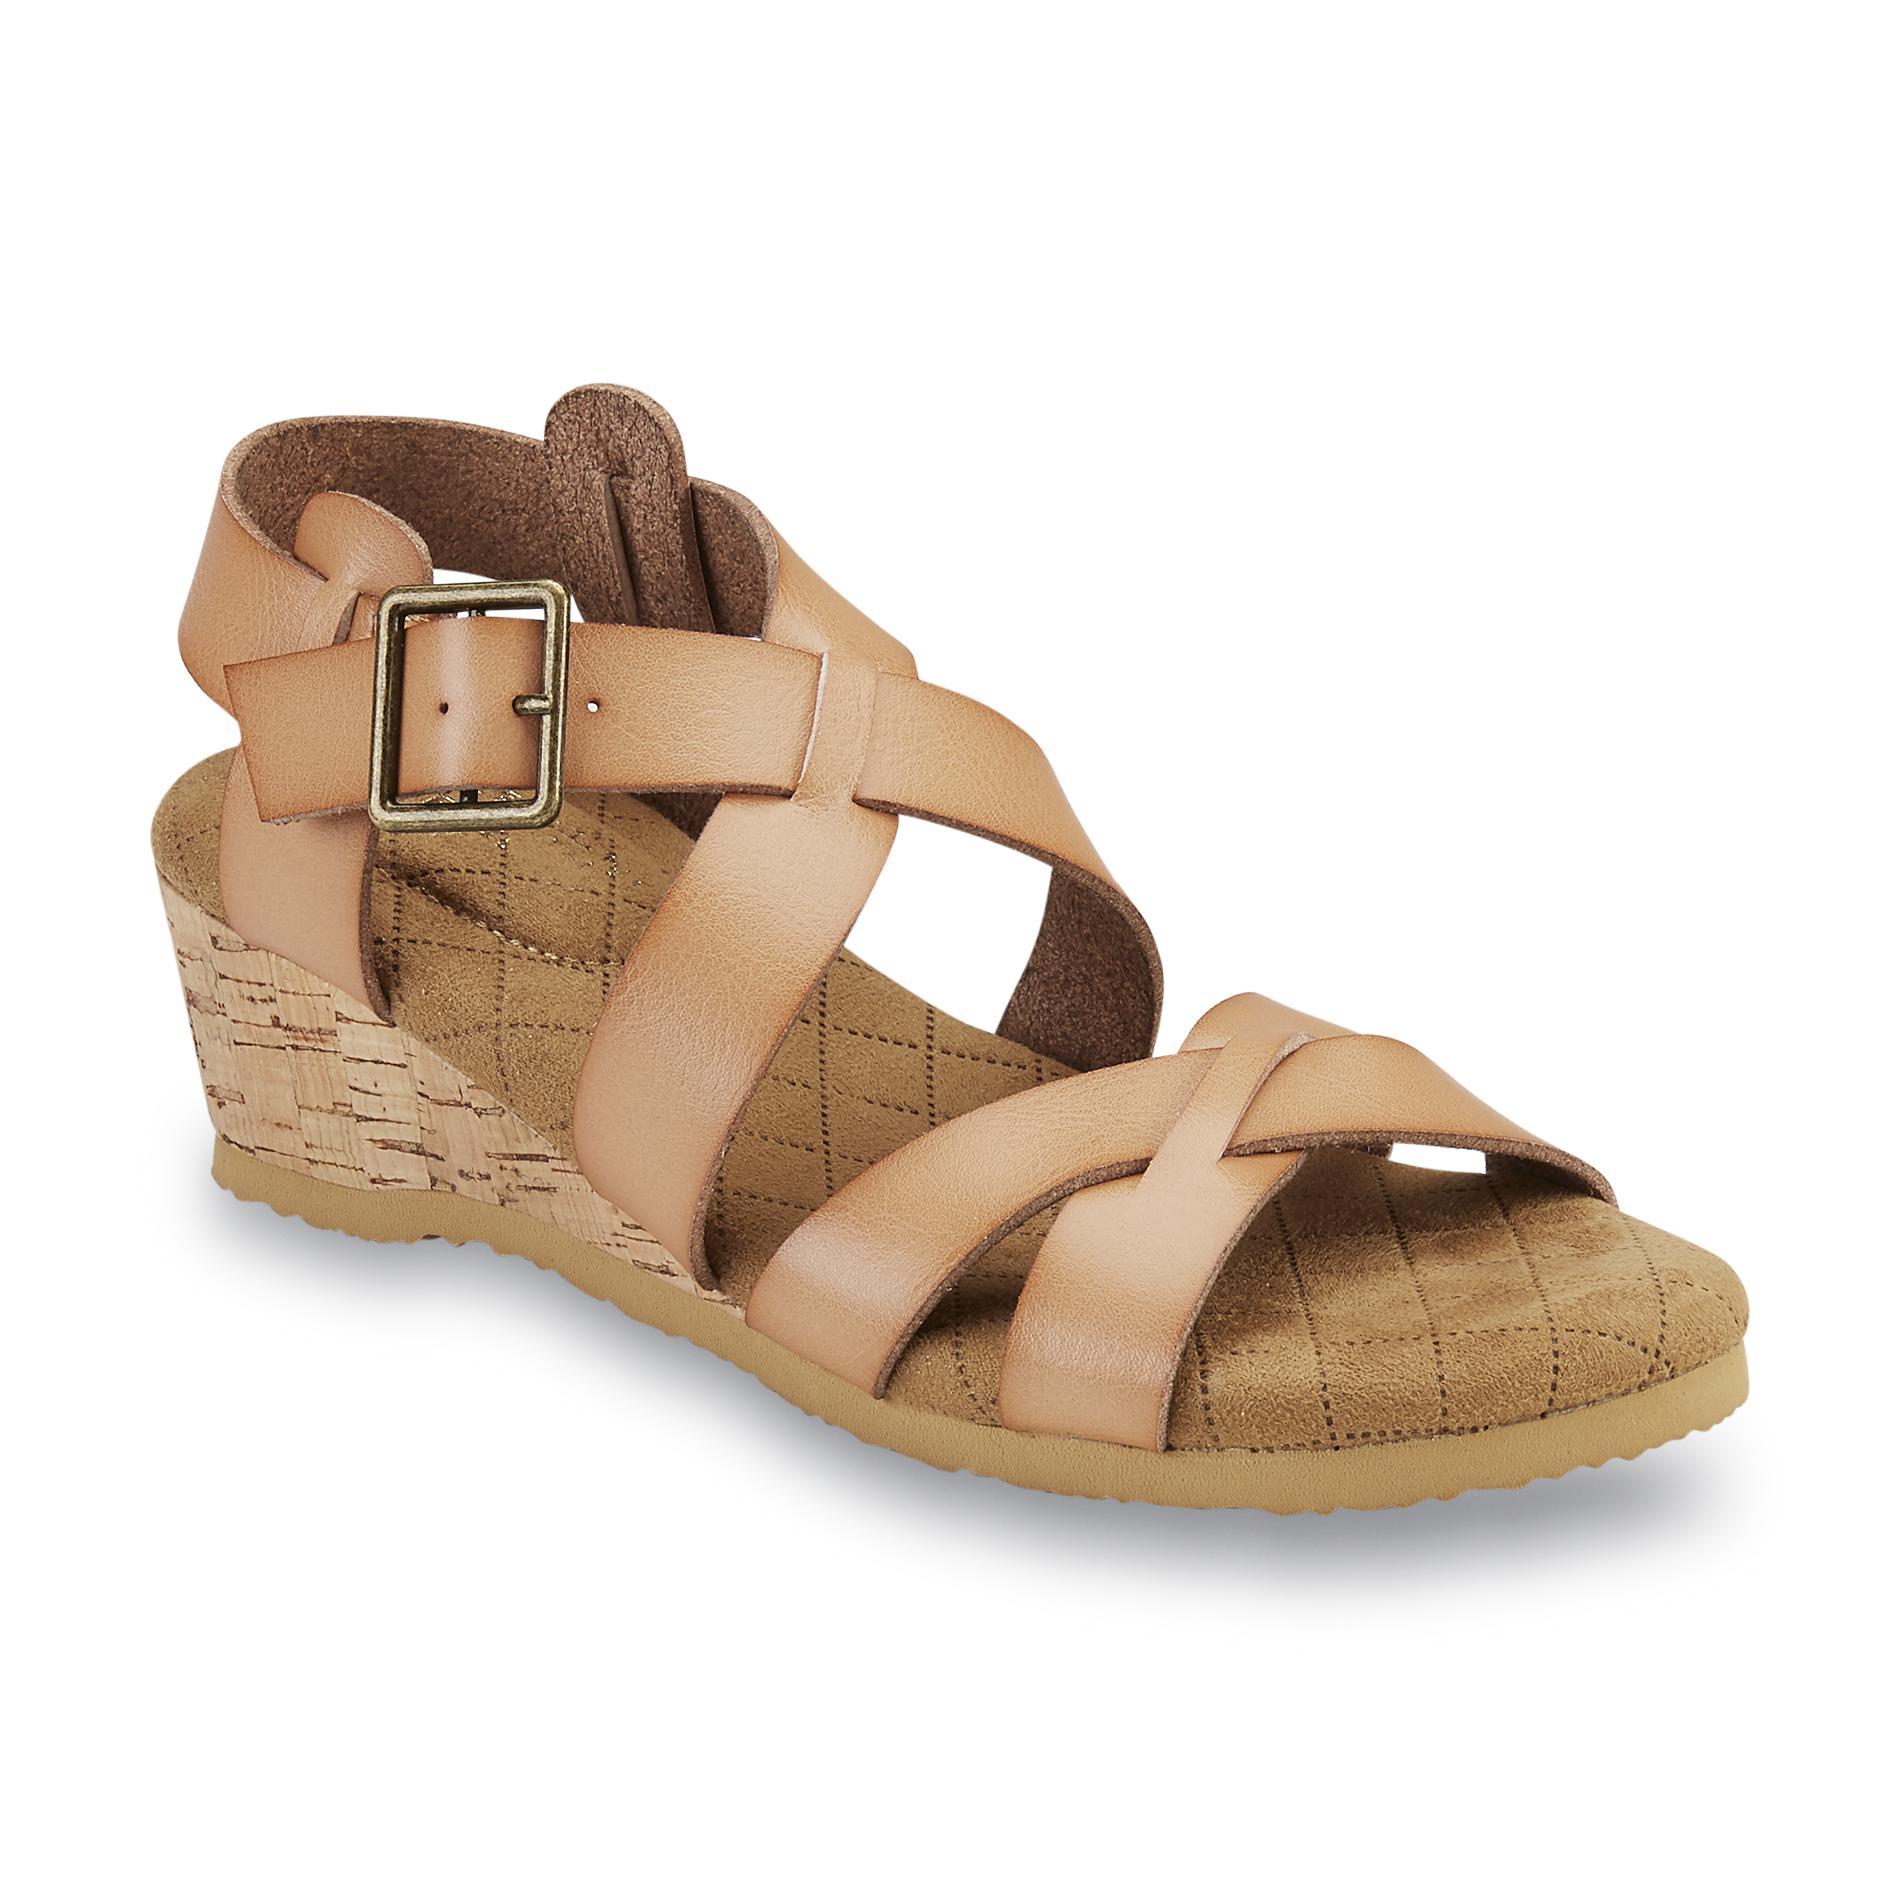 Women's Electra Tan Strappy Wedge Sandal